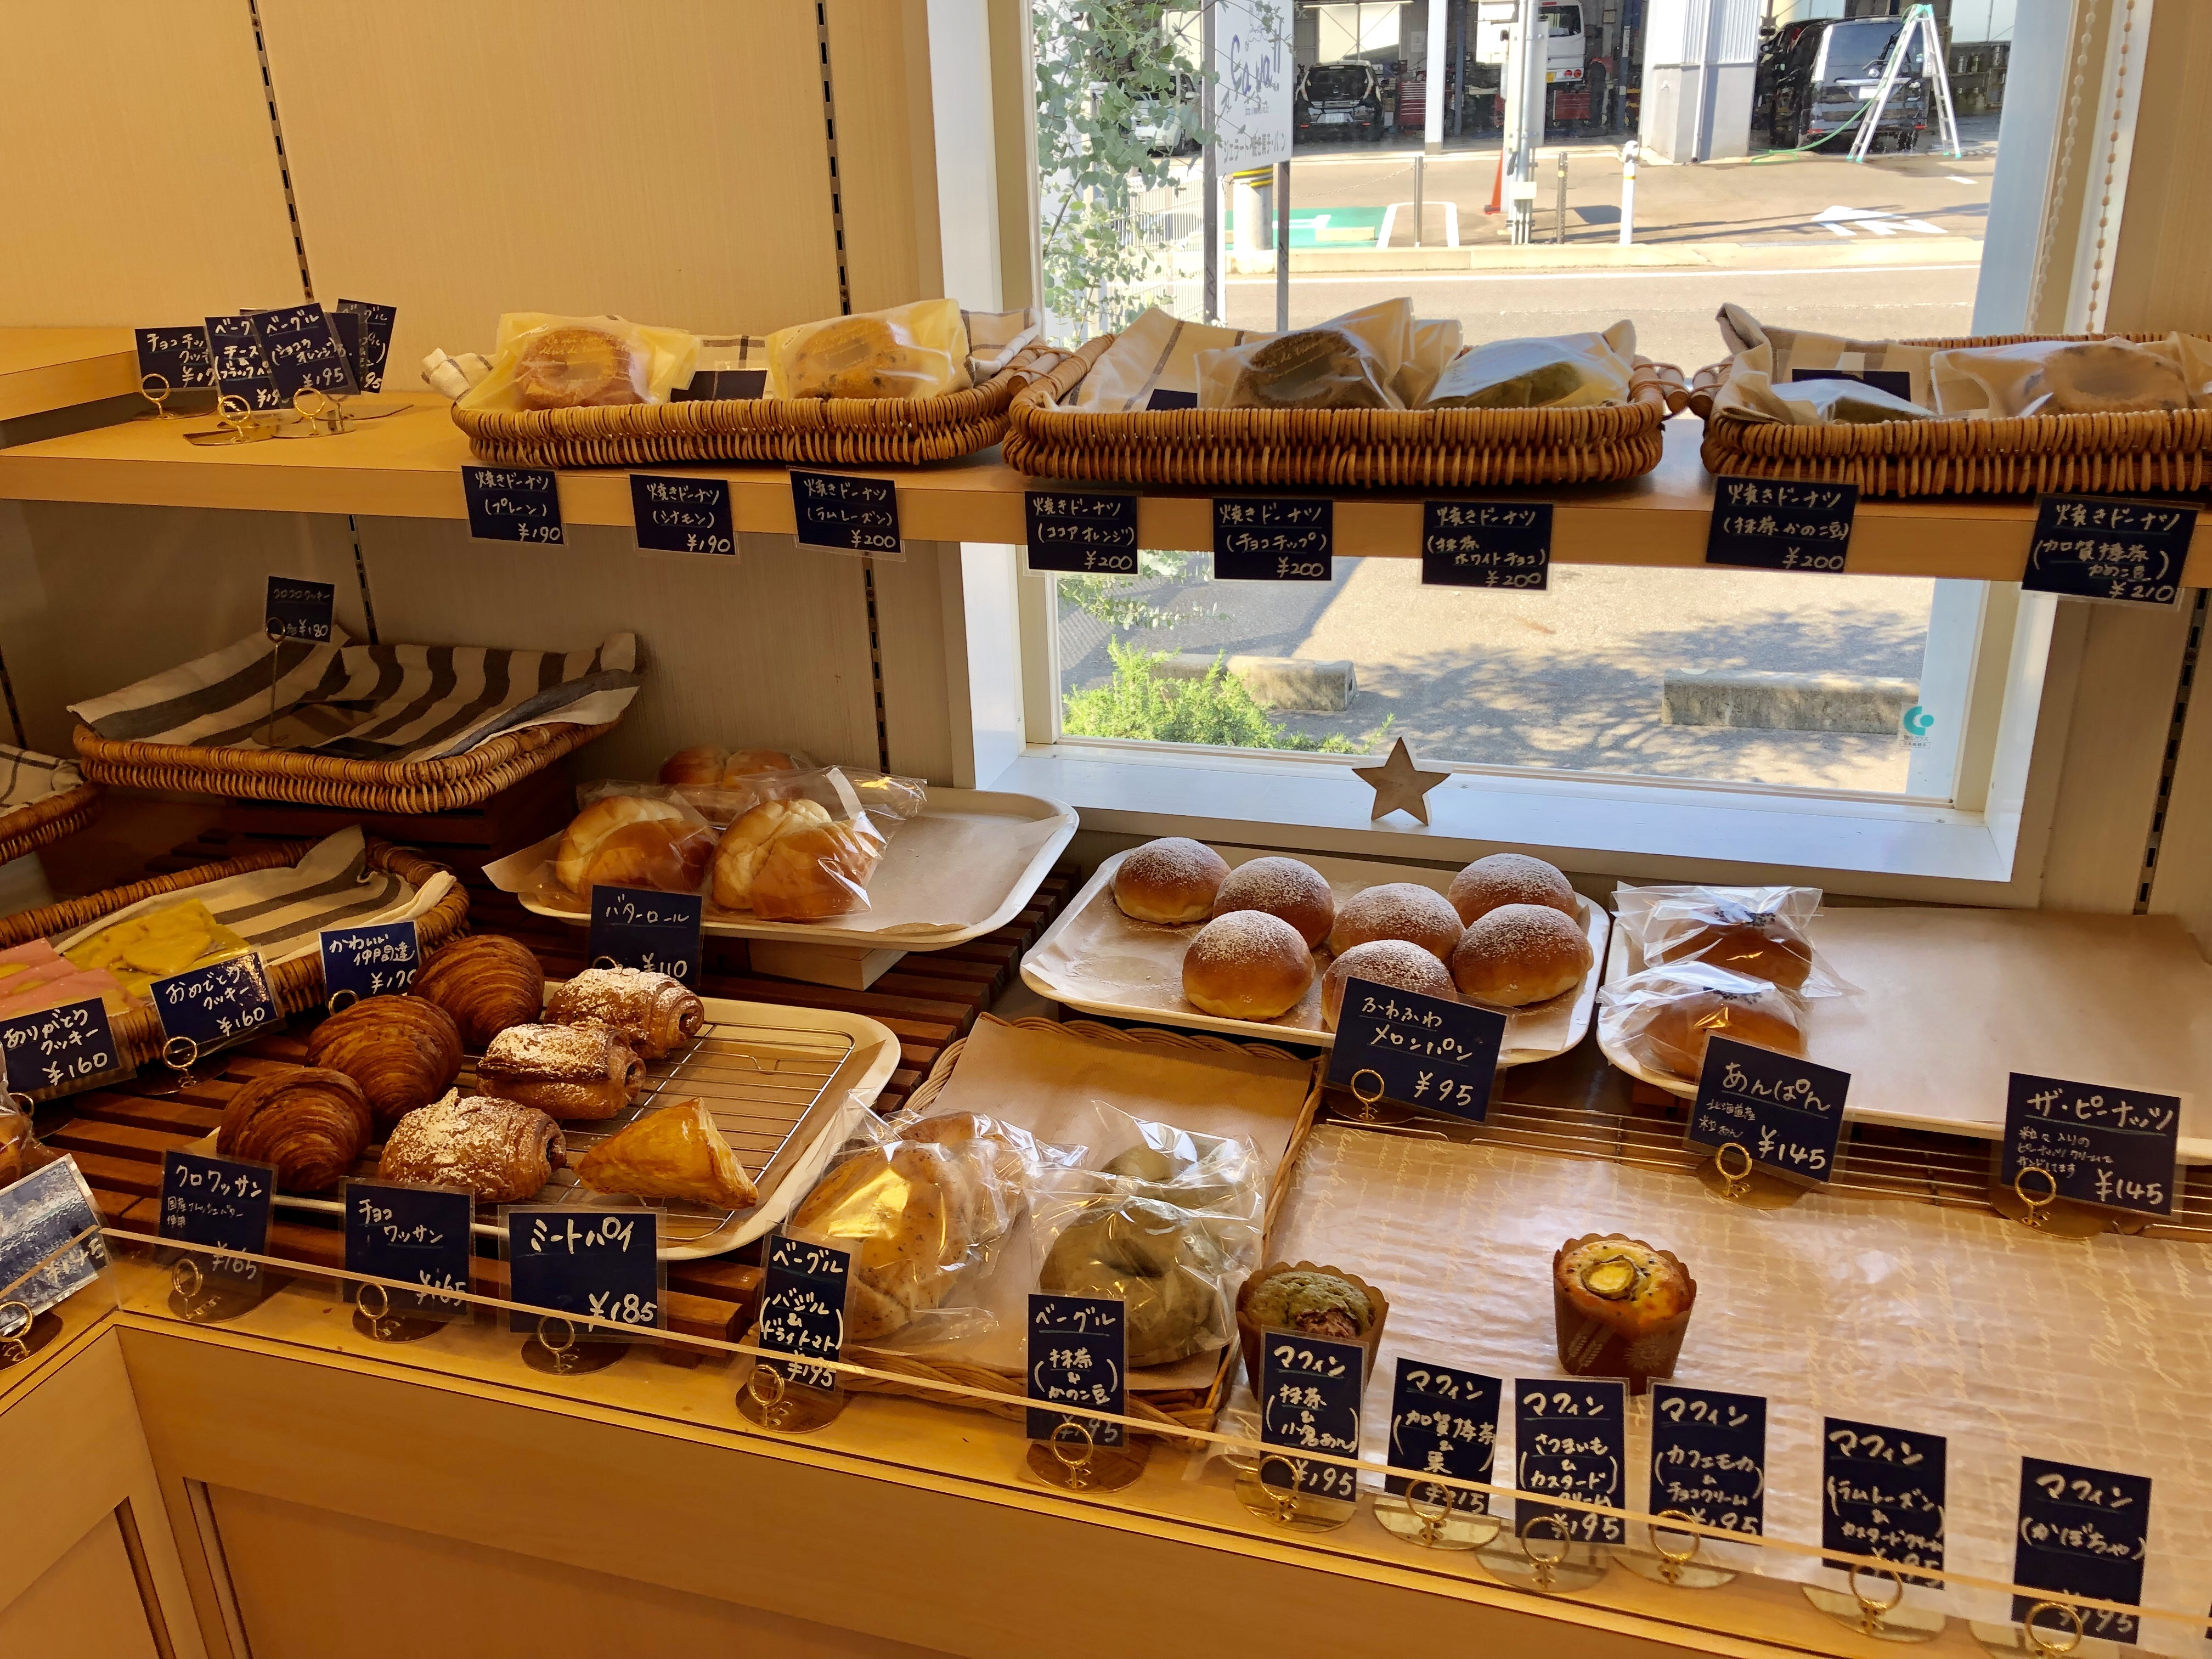 小松市の木場潟のパン屋cavaのパン